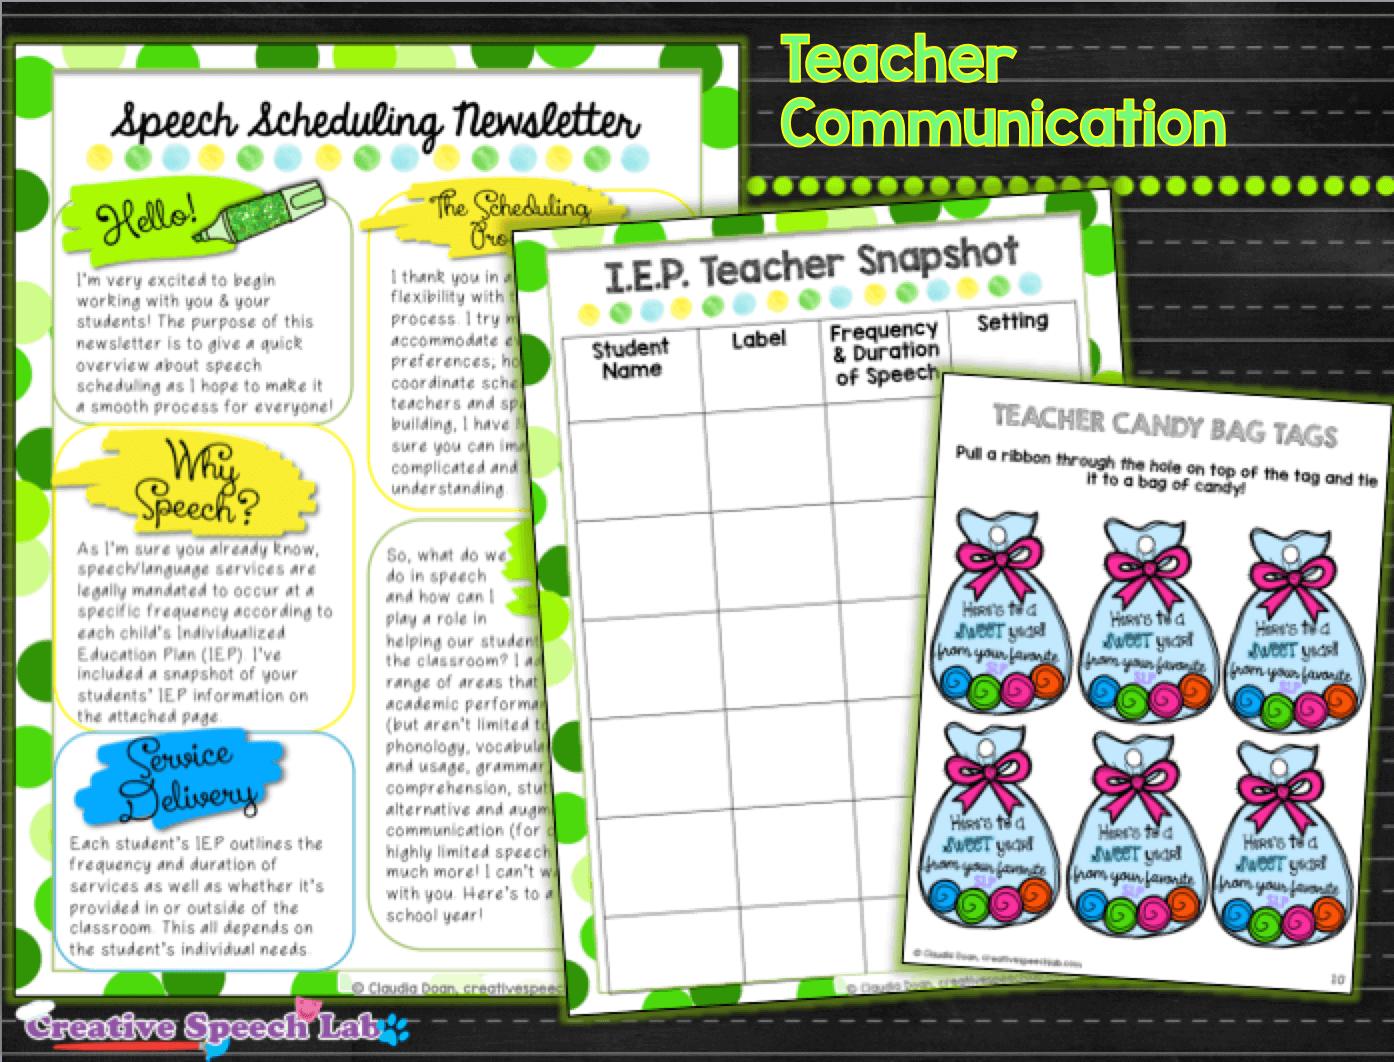 Teacher Communication Revised